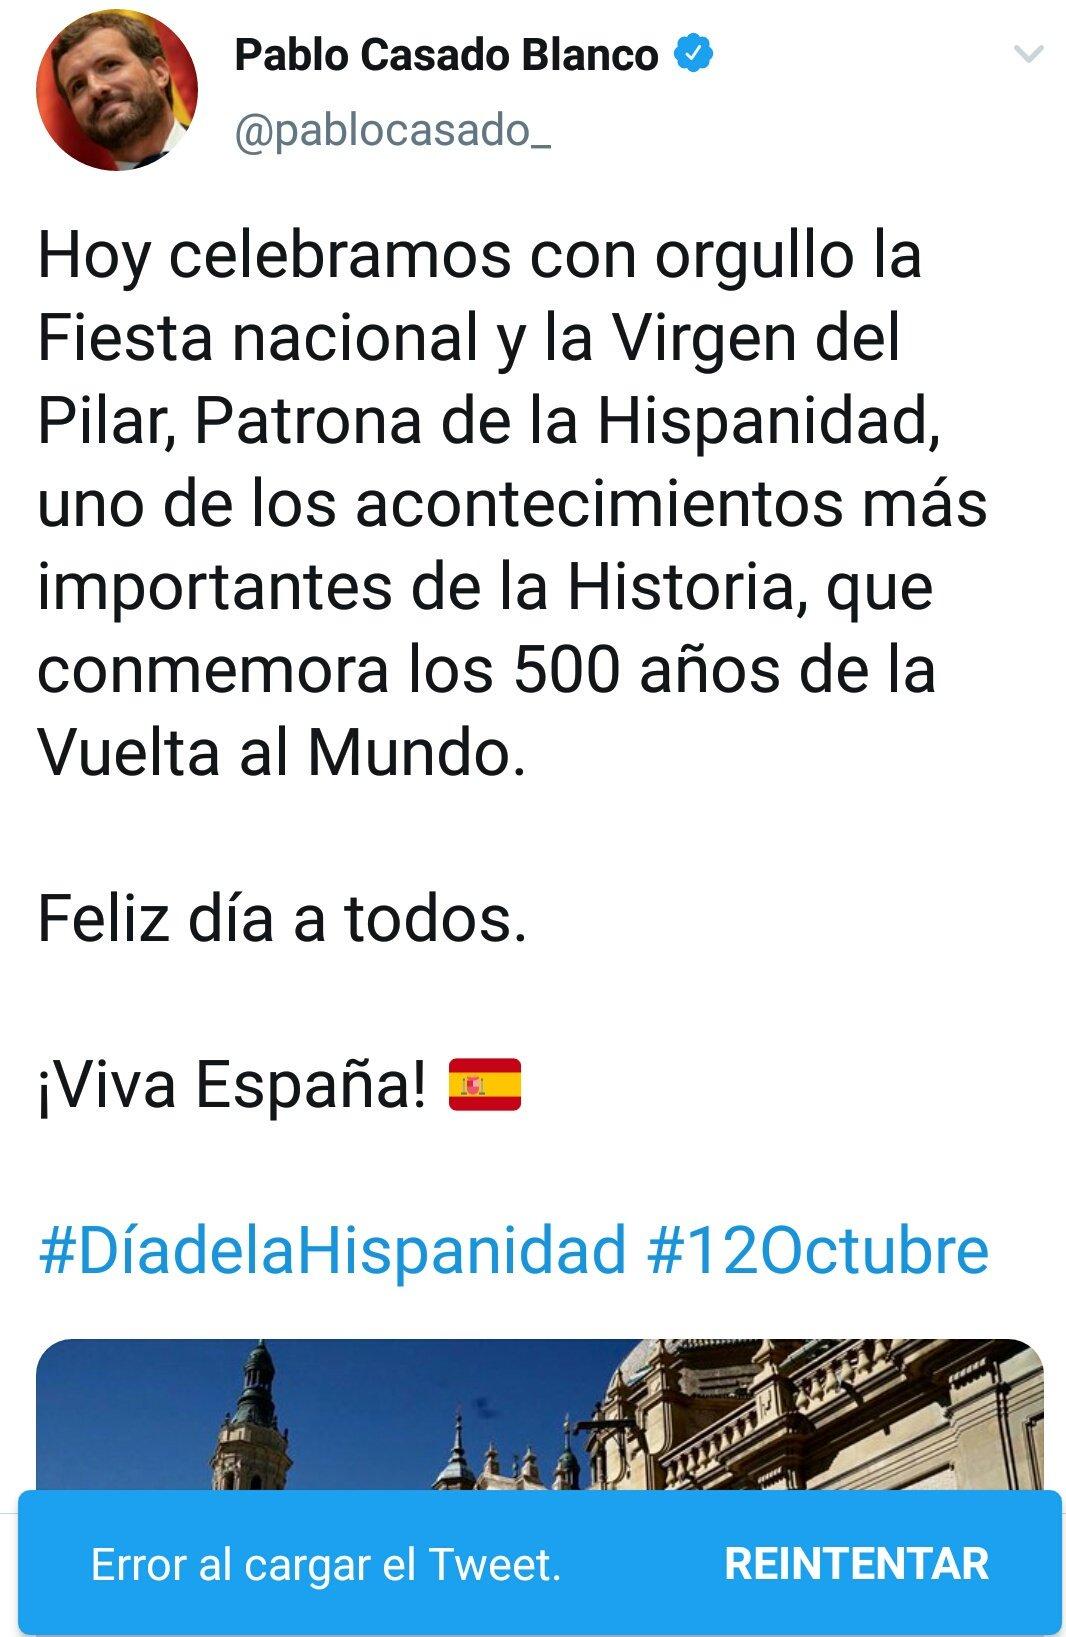 De historia ni zorra, pero ha dicho España. Todo bien.